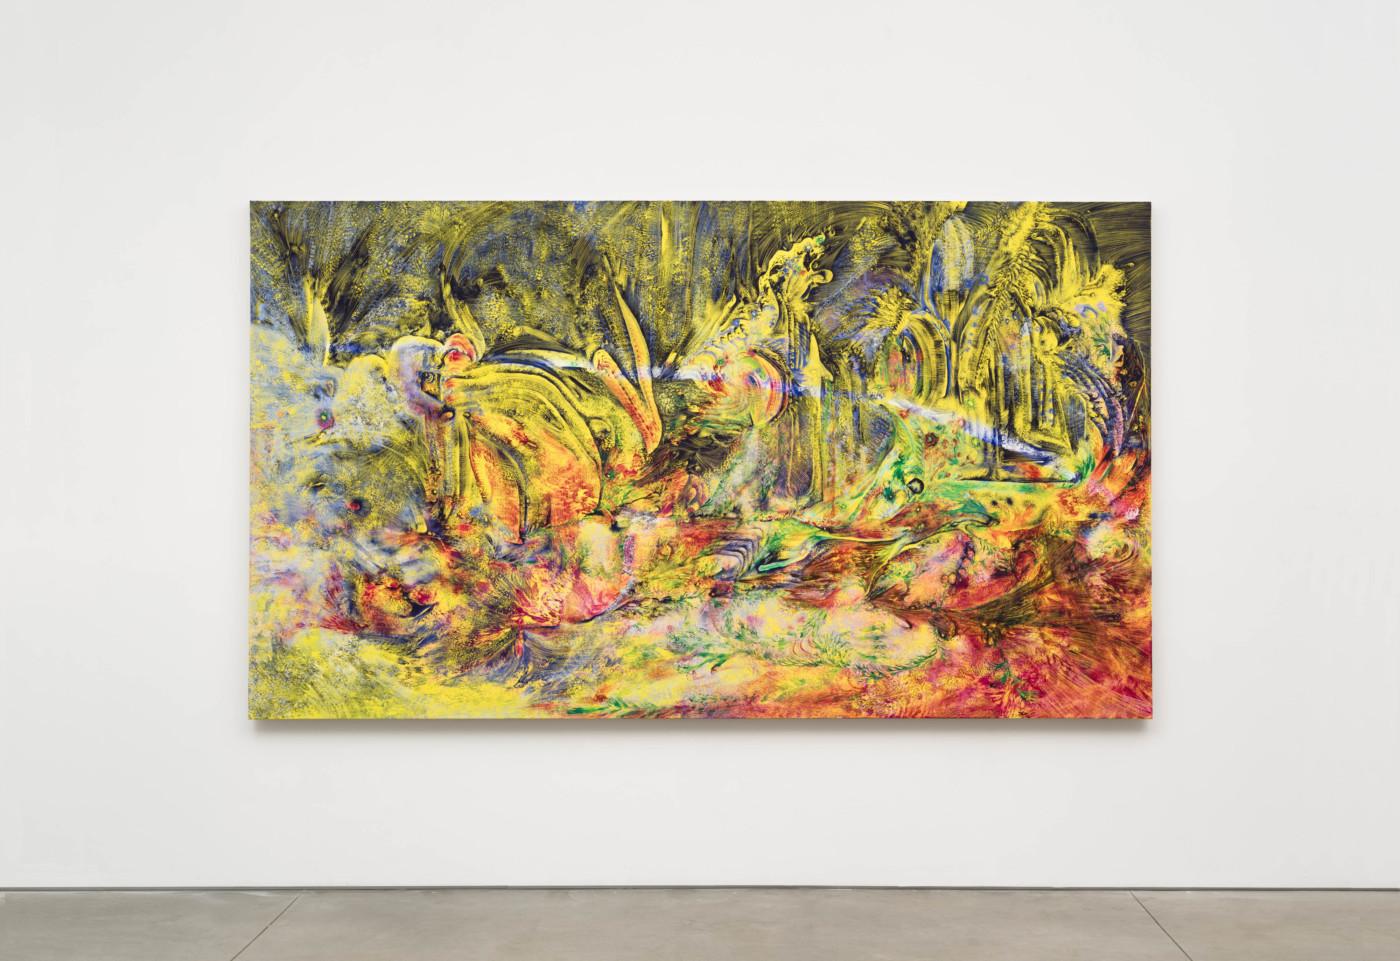 LUCY BULL  5:00 , 2021 Oil on linen 175,3 x 304,8 x 3,8 cm / 69 x 120 x 1 1/2 in - High Art Gallery Paris